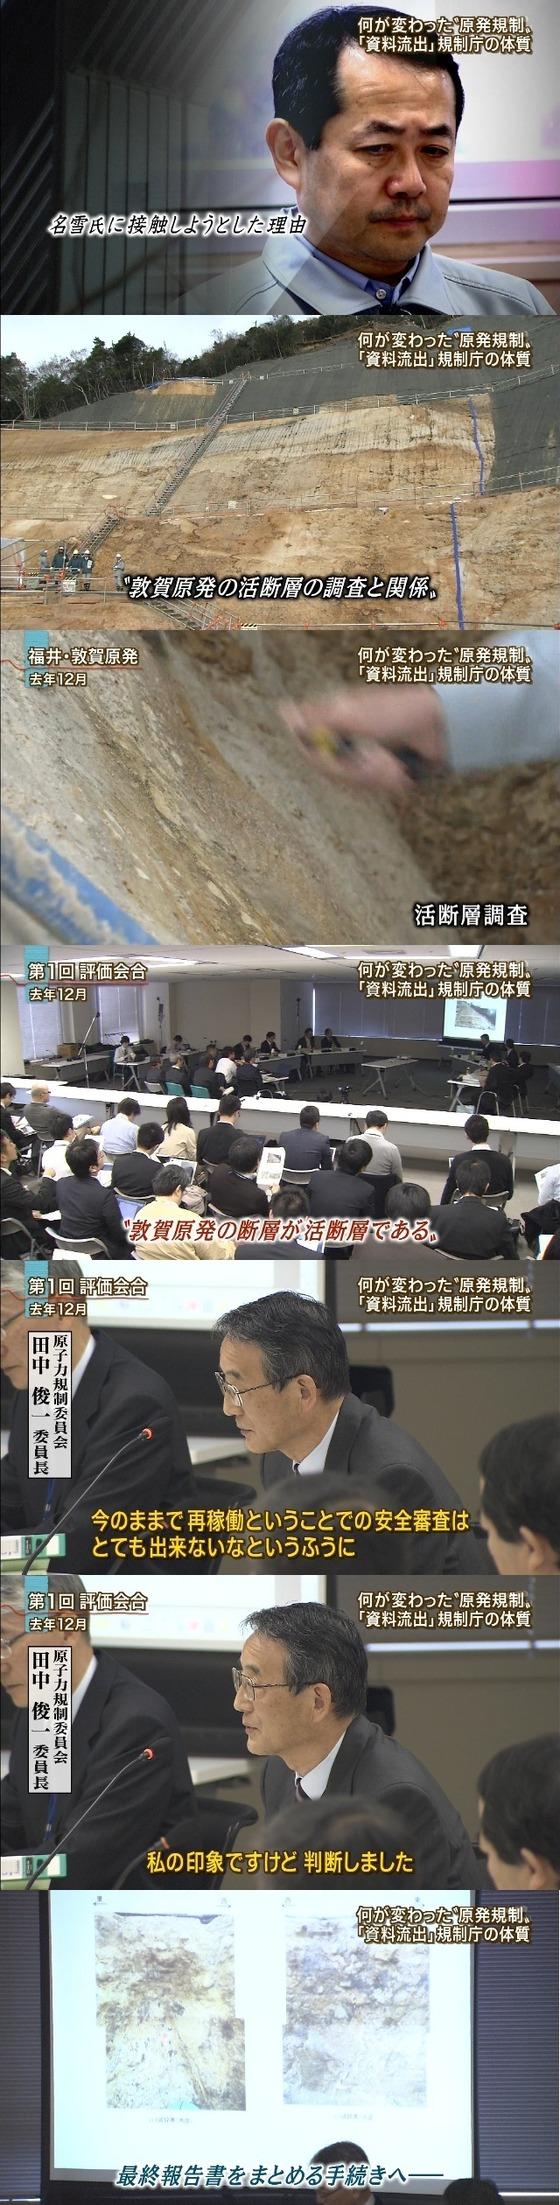 原発規制委員 規制庁が資料流出7